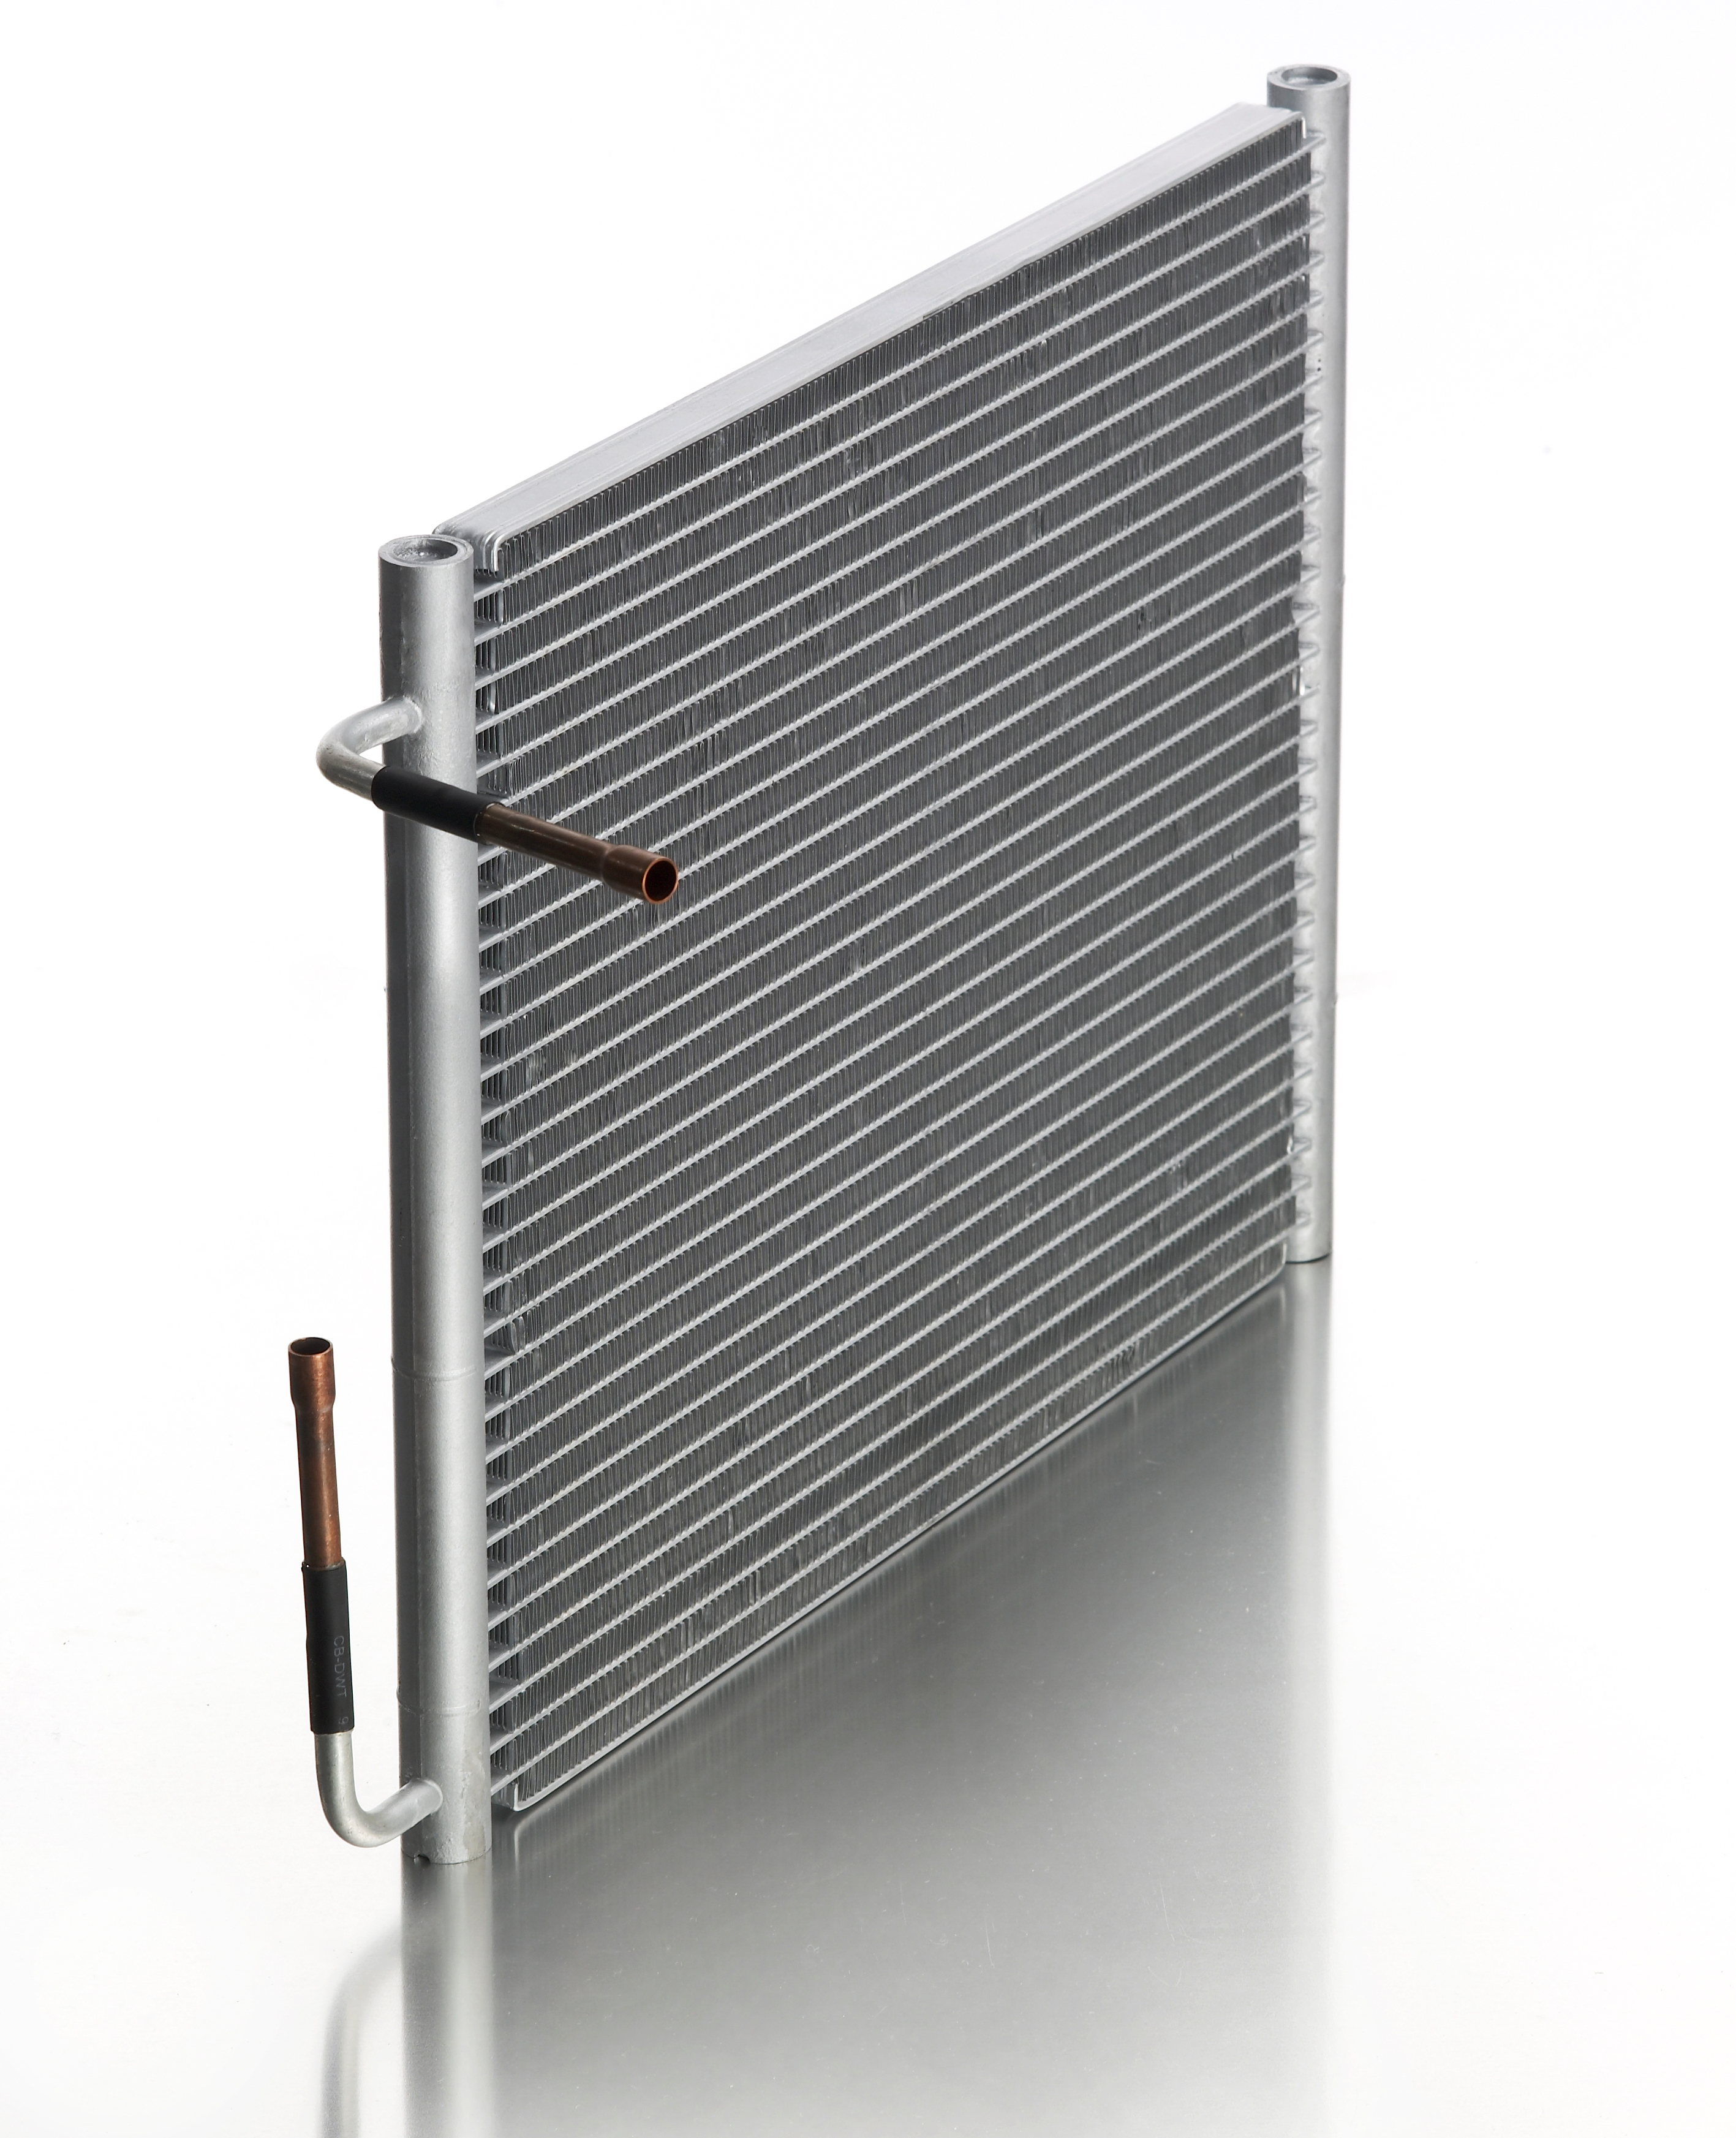 Condensador microcanal. Créd. Danfoss